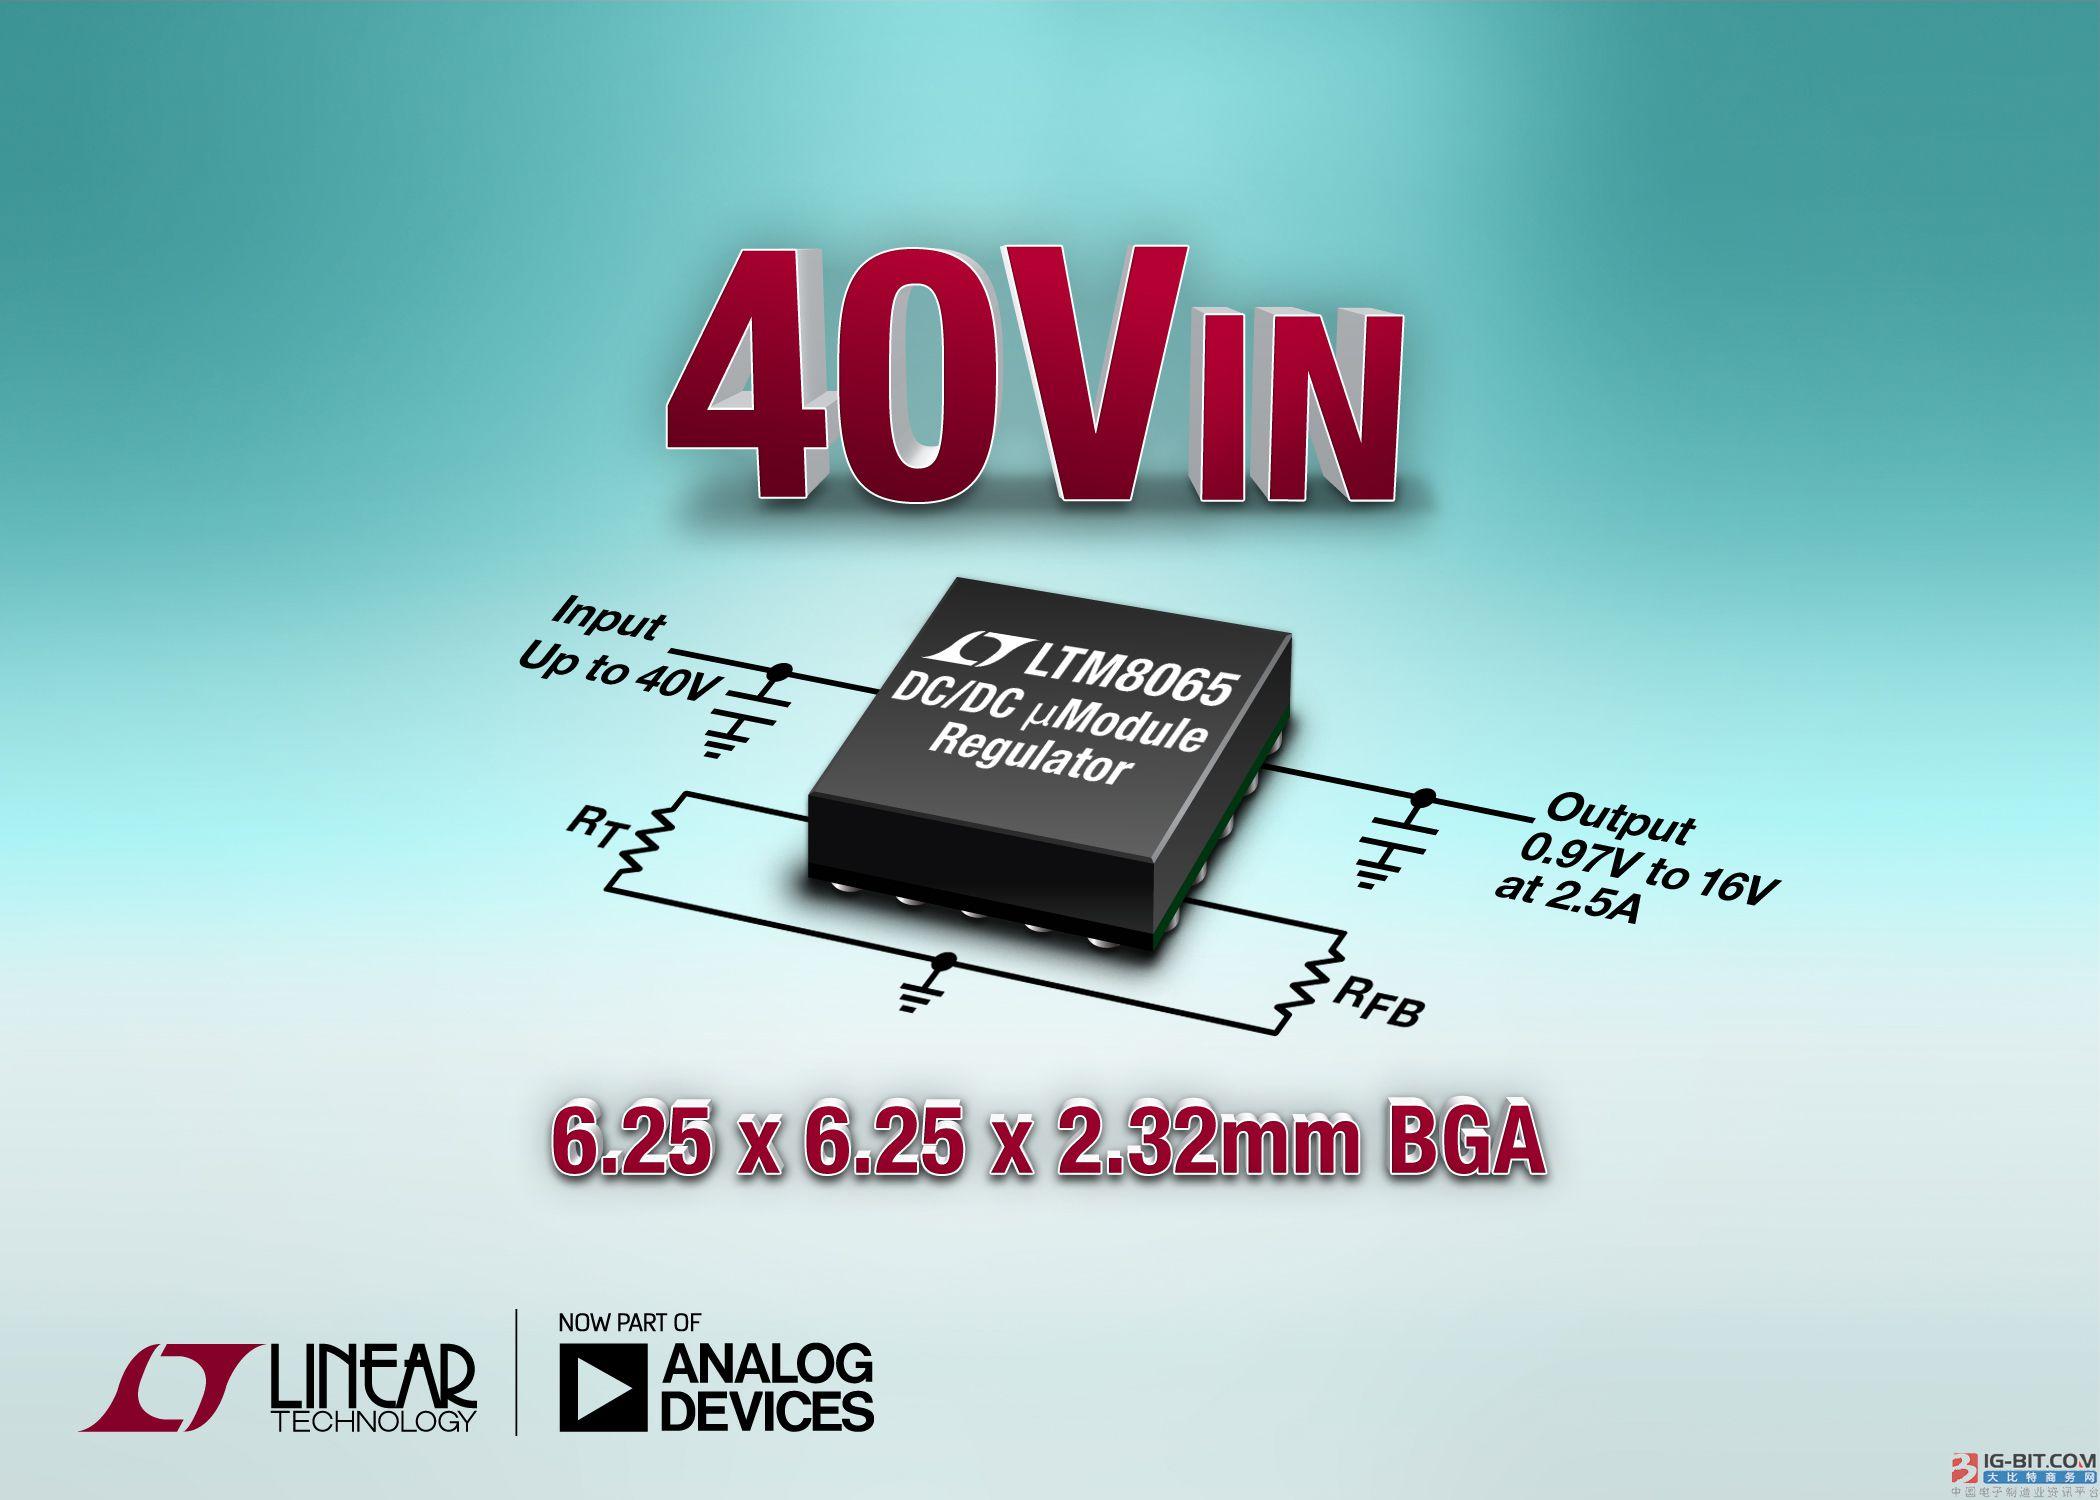 采用 6.25mm x 6.25mm BGA 封装的 Silent Switcher、42VIN、2.5A µModule稳压器